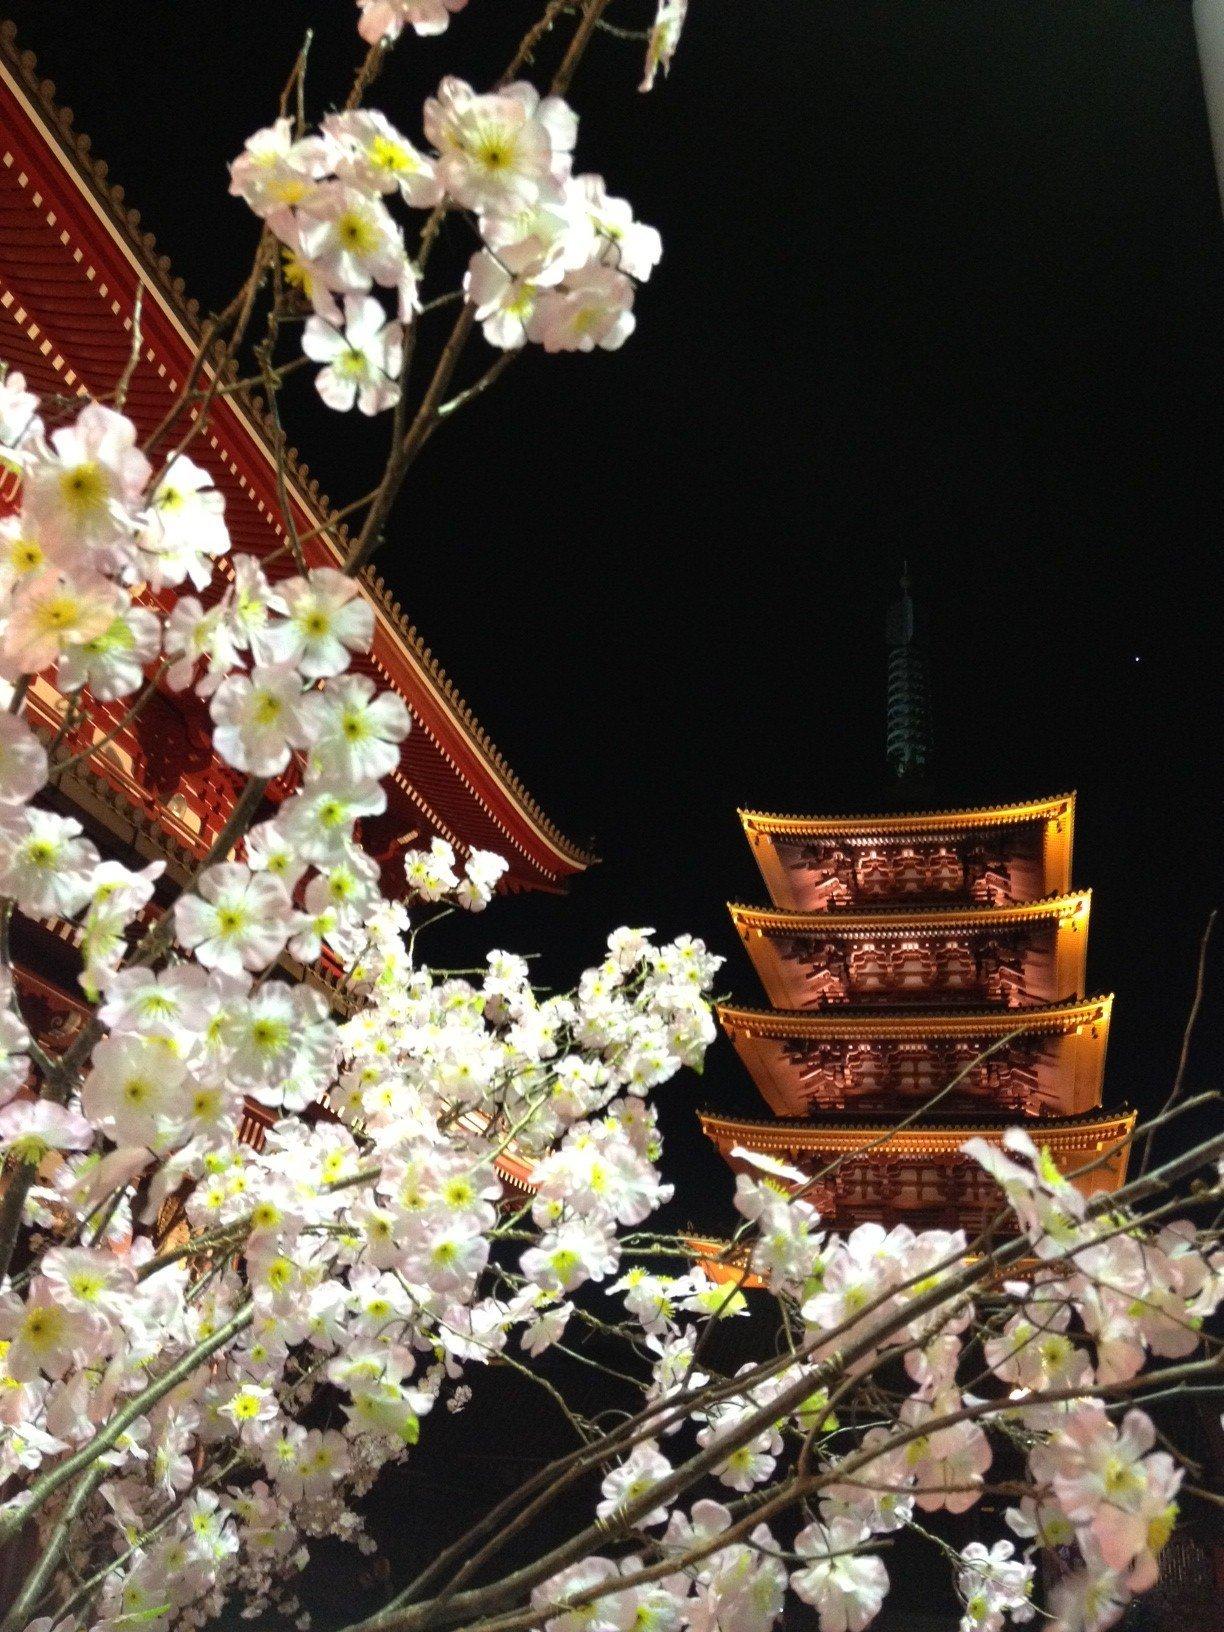 Senso-ji pagoda at night